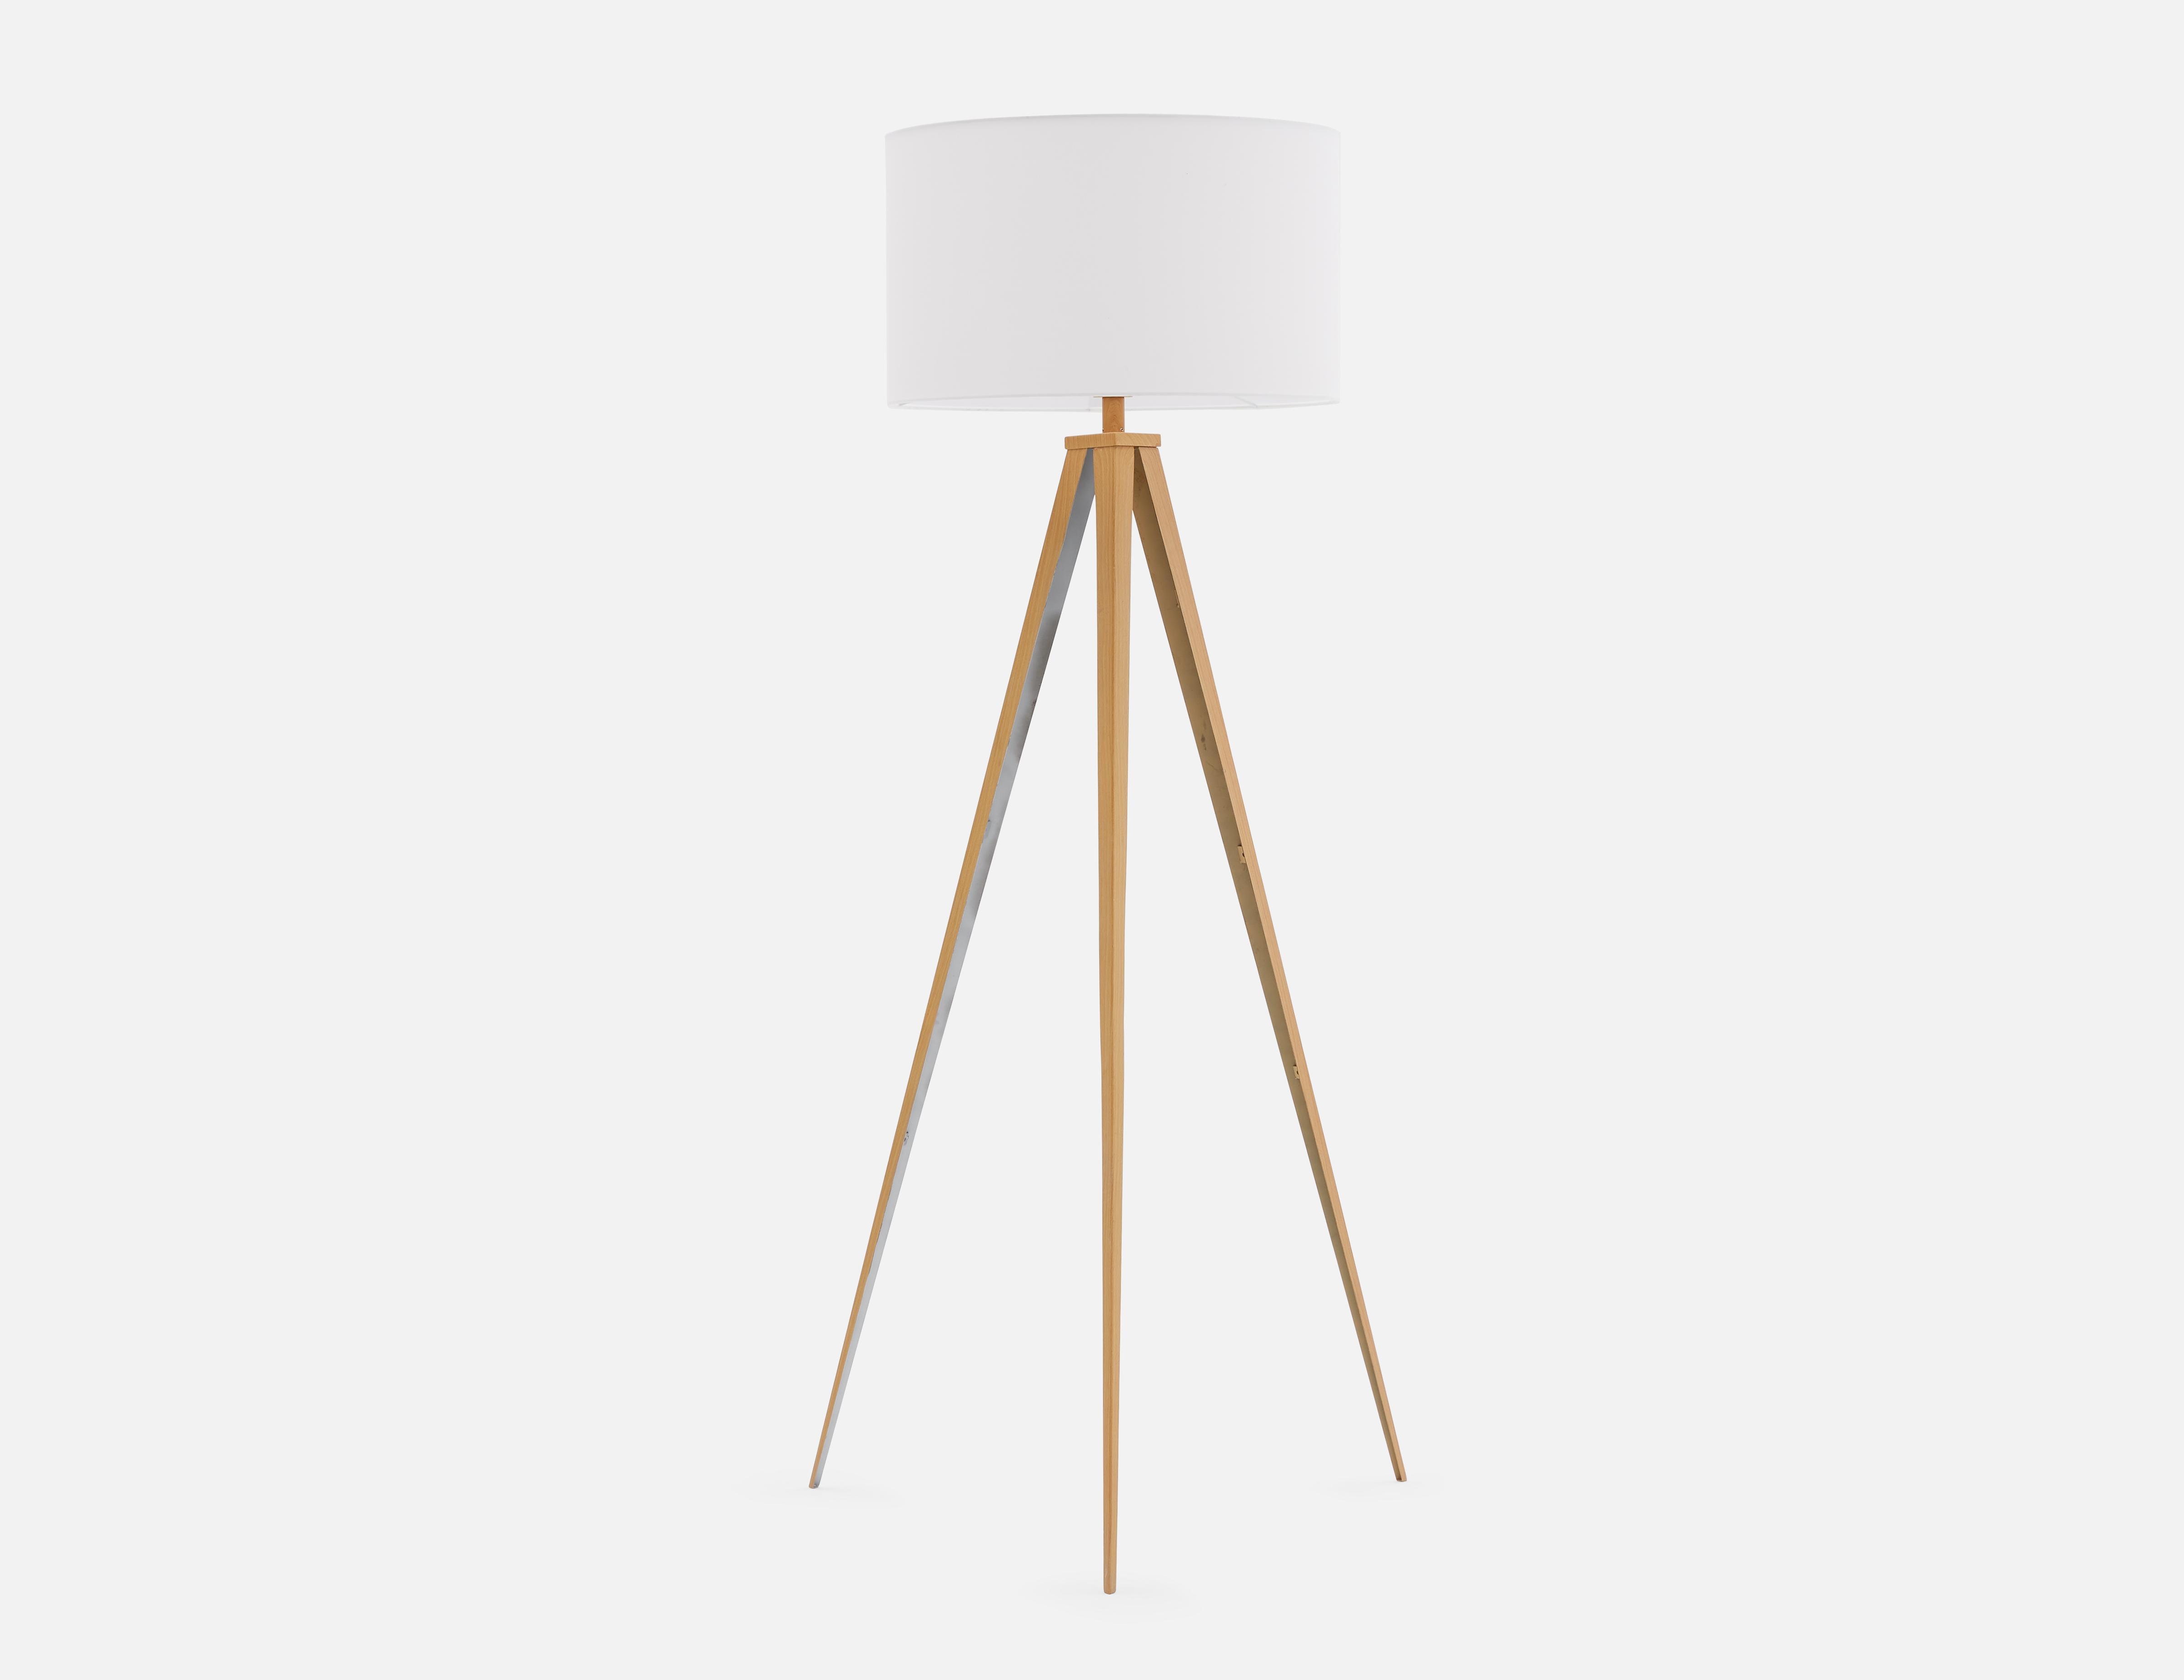 Gold Floor Lamp 155cm Height 61 Structube Harper Natural Floor Lamps Gold Floor Lamp Floor Lamp